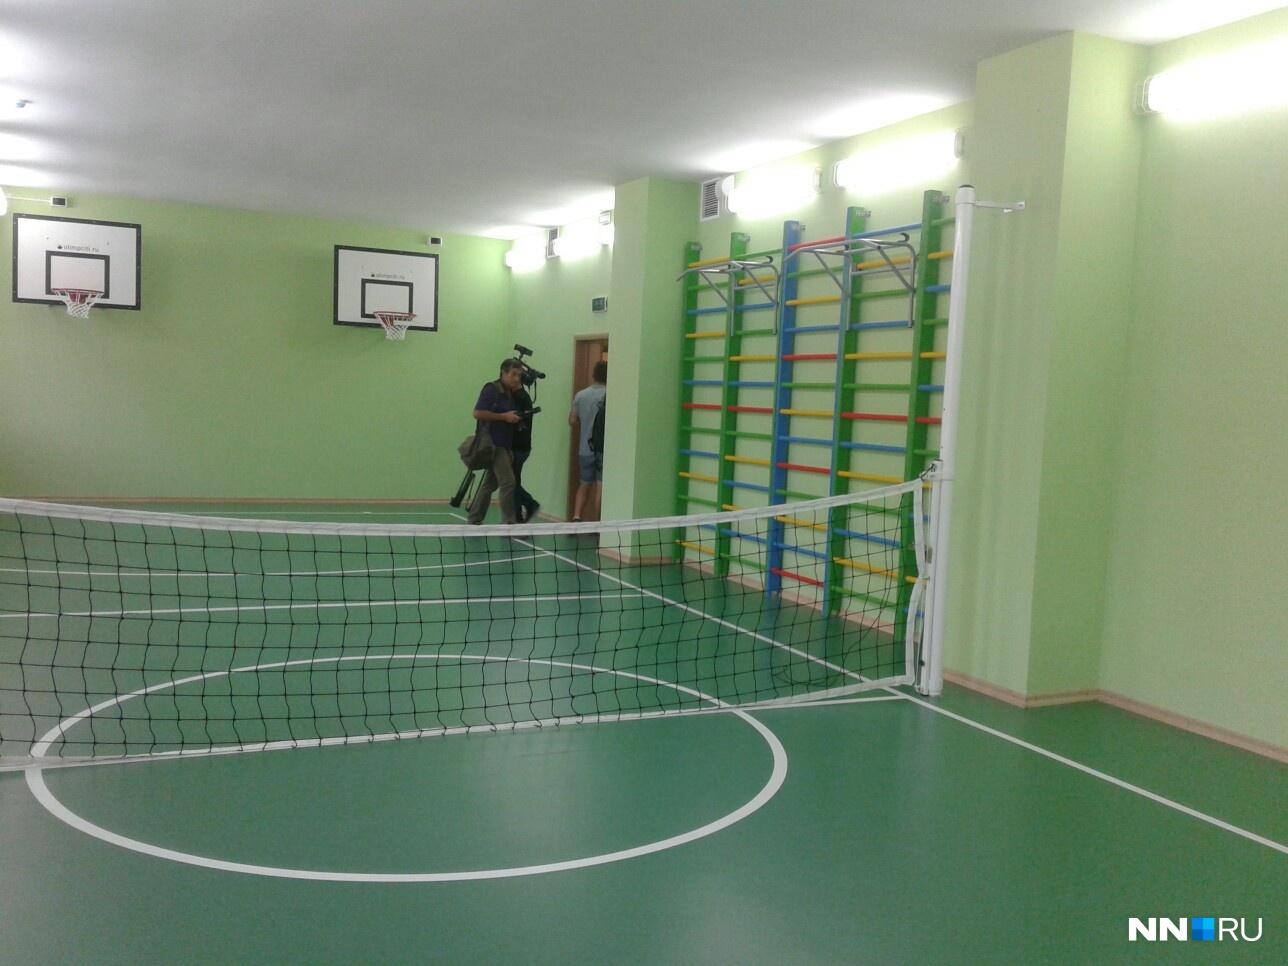 В здании оборудован отдельный спортивный блок со спортивным залом, душевыми и раздевалками